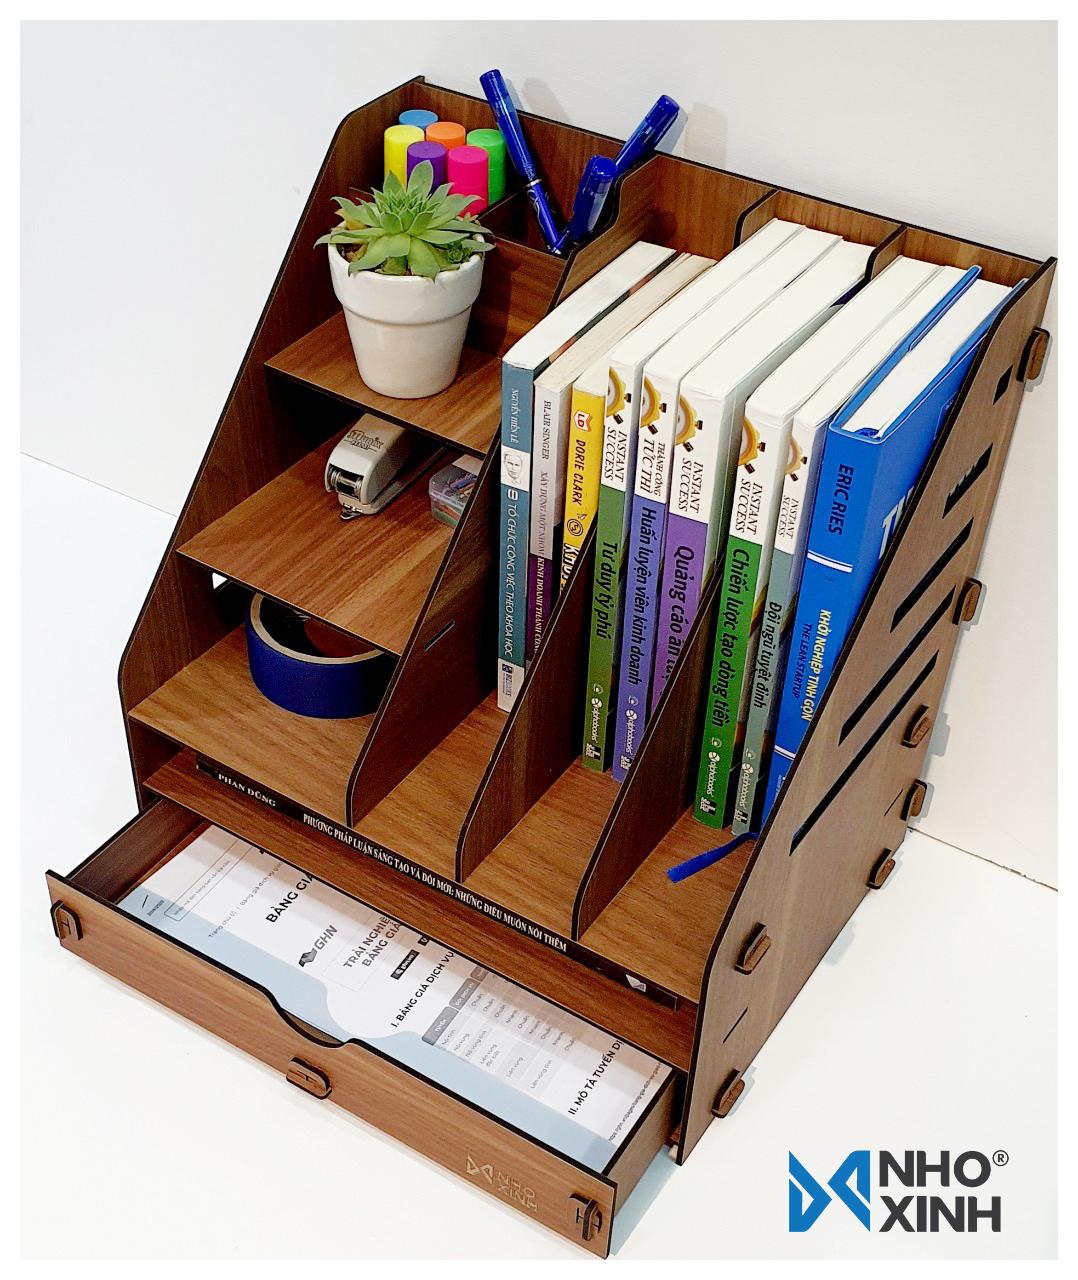 Kệ hồ sơ để bàn lắp ráp, Nhãn hiệu Nho Xinh, xuất xứ Việt Nam, sắp xếp bàn làm việc gọn gàng, thích hợp làm quà tặng ý nghĩa cho bạn bè, người thân - Kệ hồ sơ số 3 - OS_SHP_03